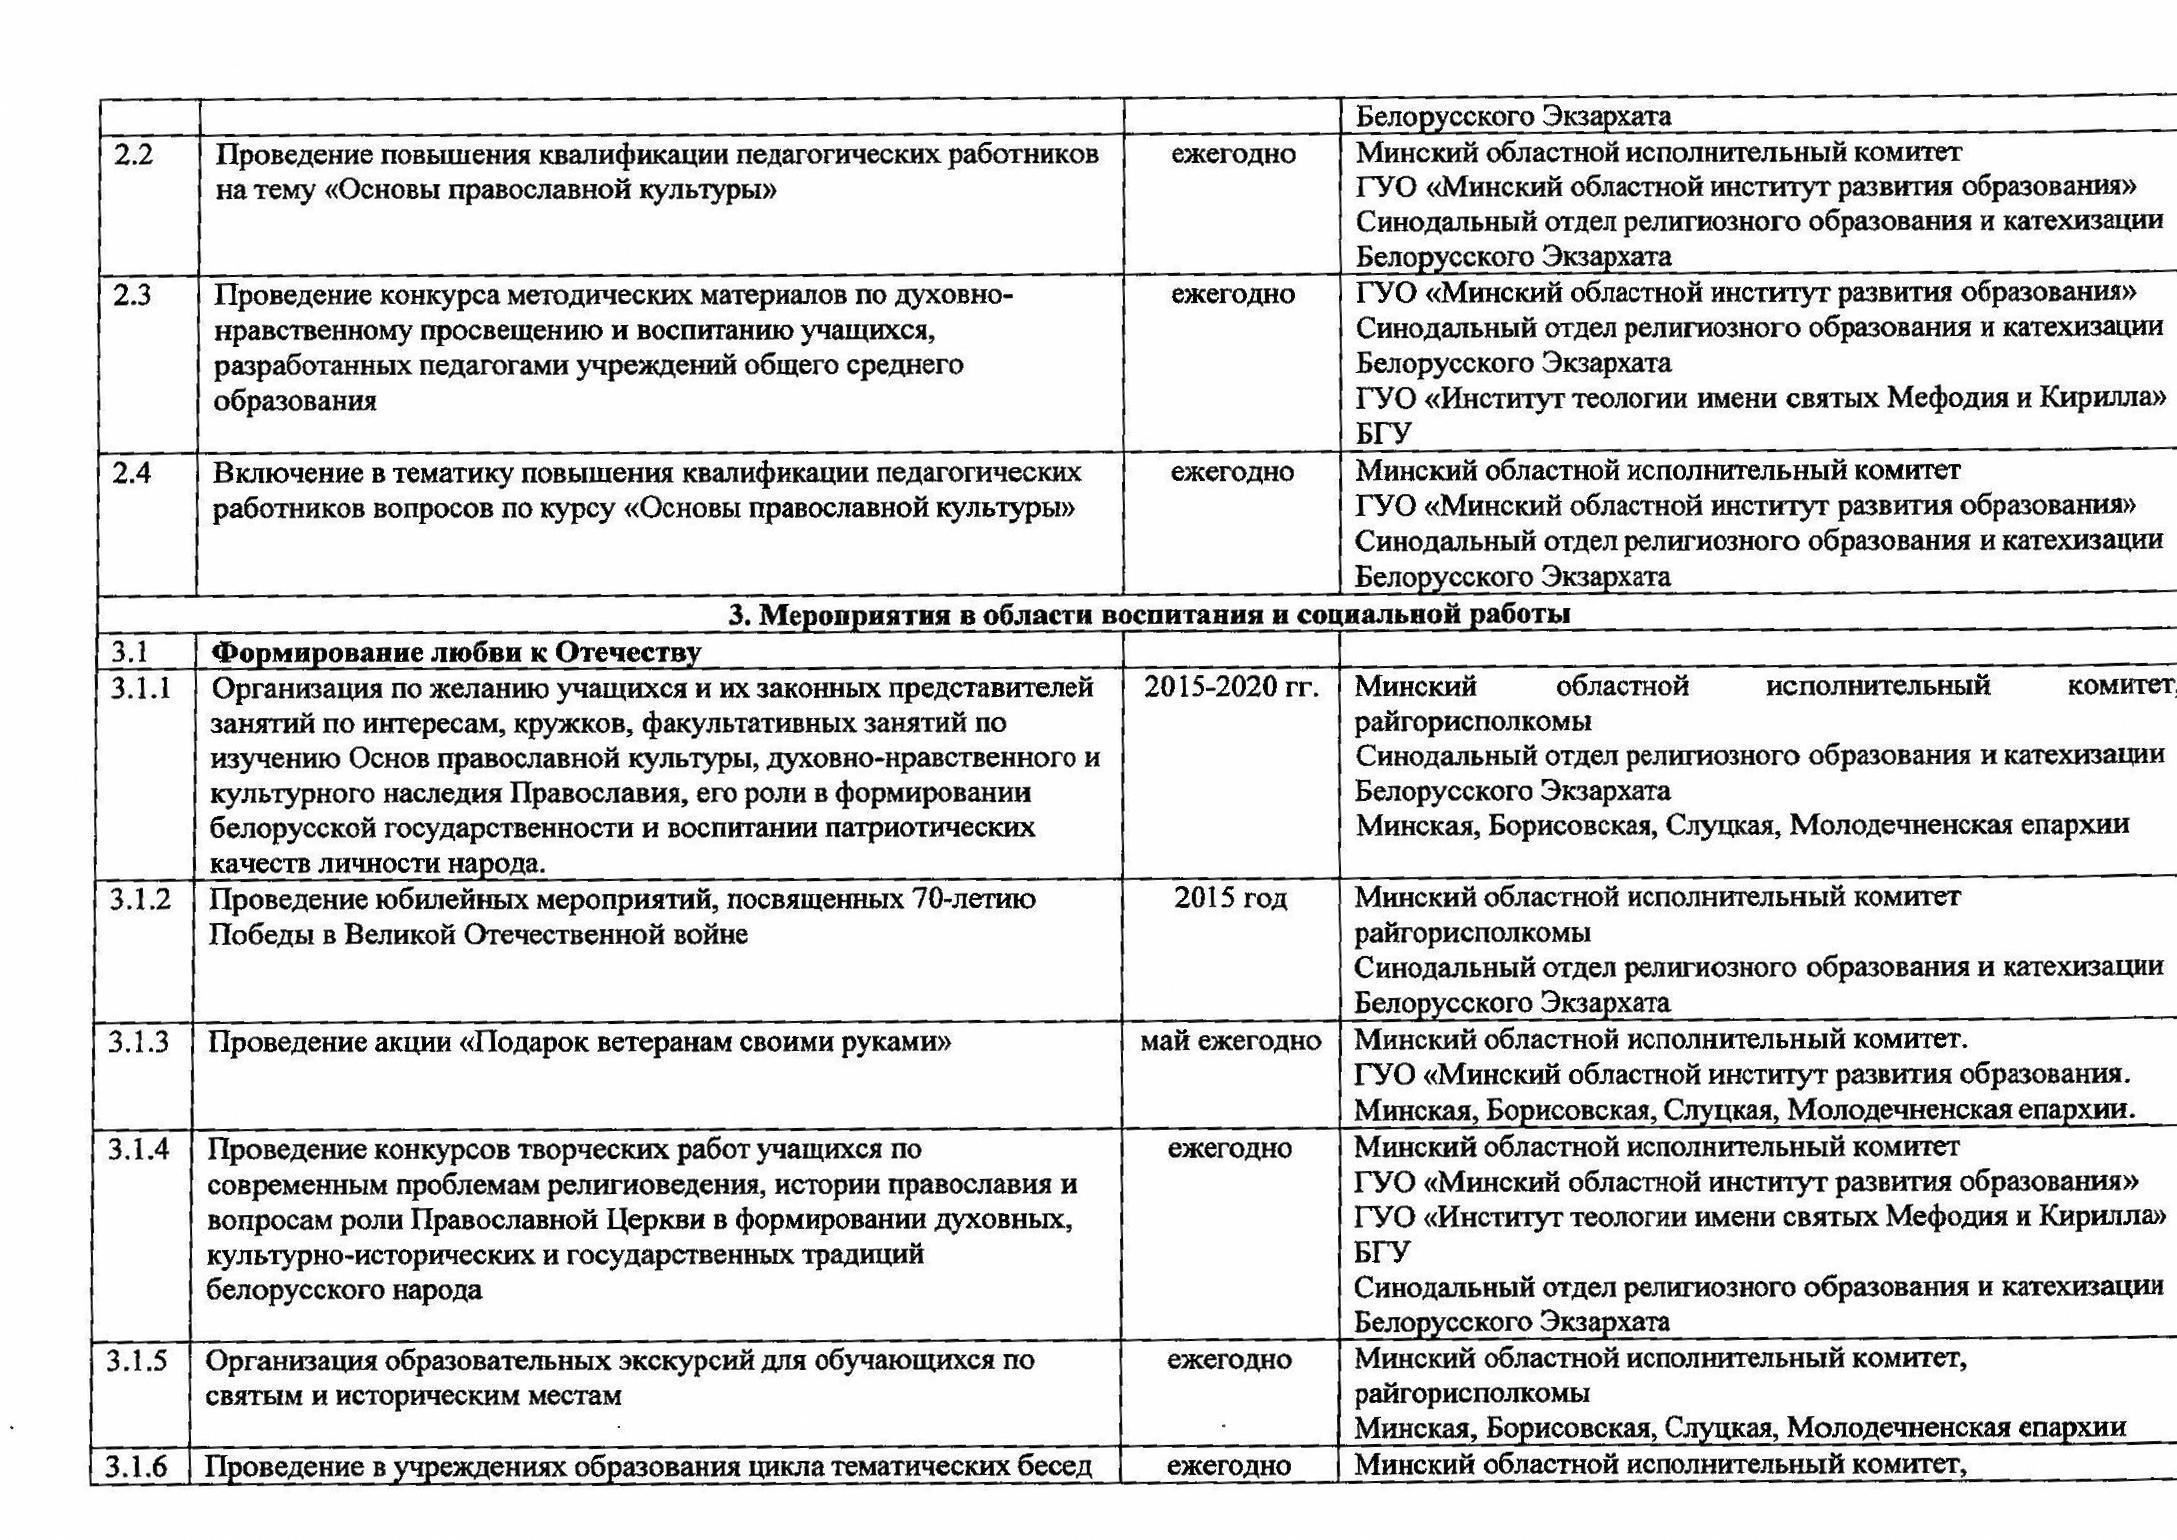 Программа сотрудничества Миноблисполкома и Минской митрополии в сфере образования (содержание)_Страница_2